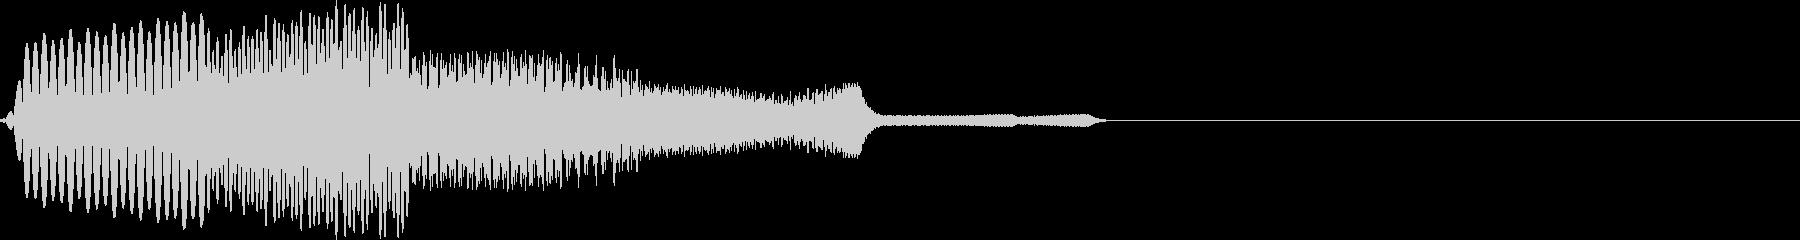 ビコーン(click_045_ボタン)の未再生の波形